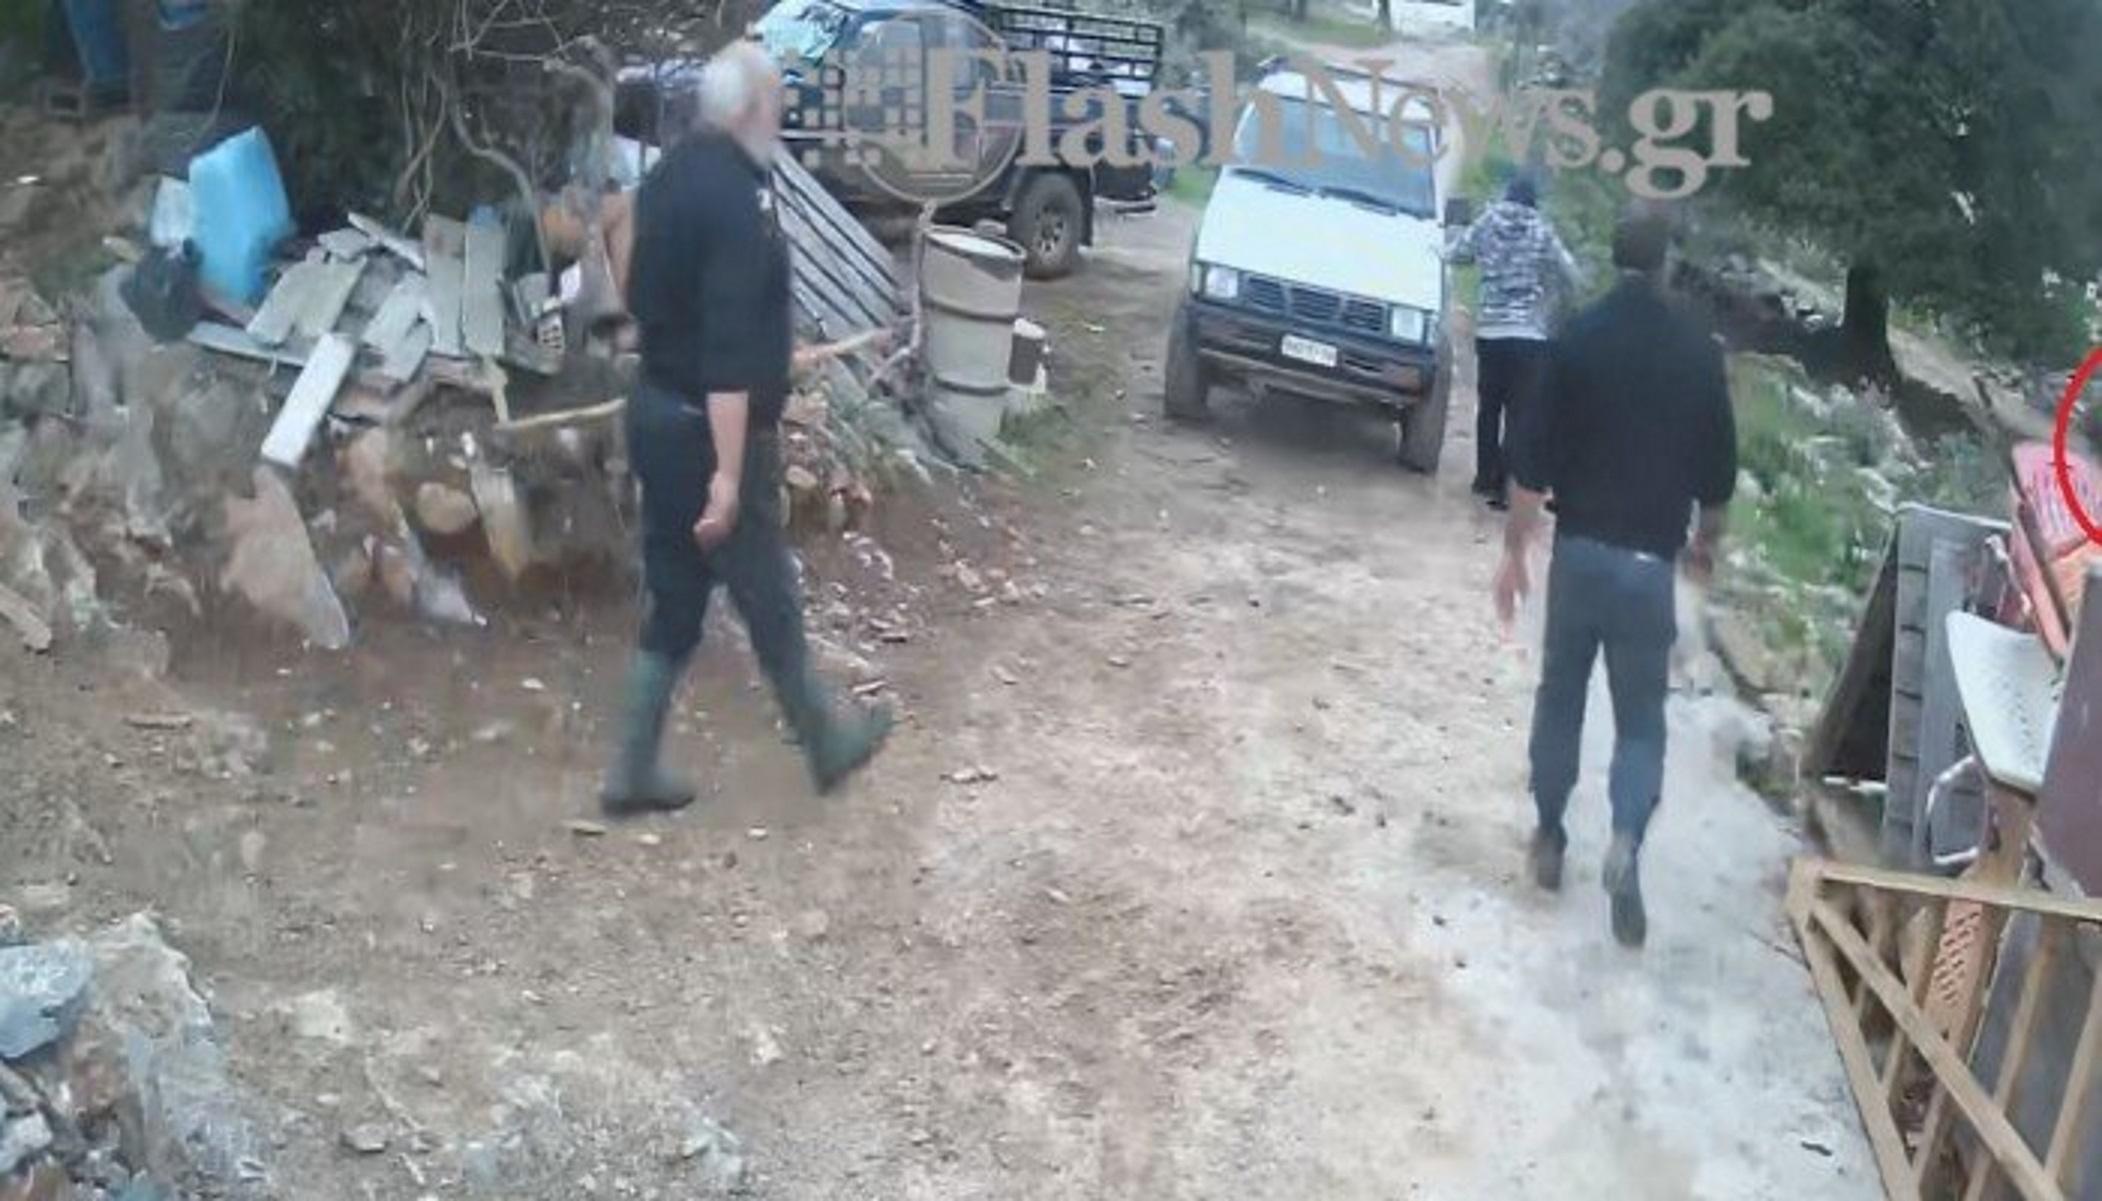 Κρήτη: Ισόβια κάθειρξη στον δολοφόνο του 73χρονου Μανώλη Φινοκαλιώτη